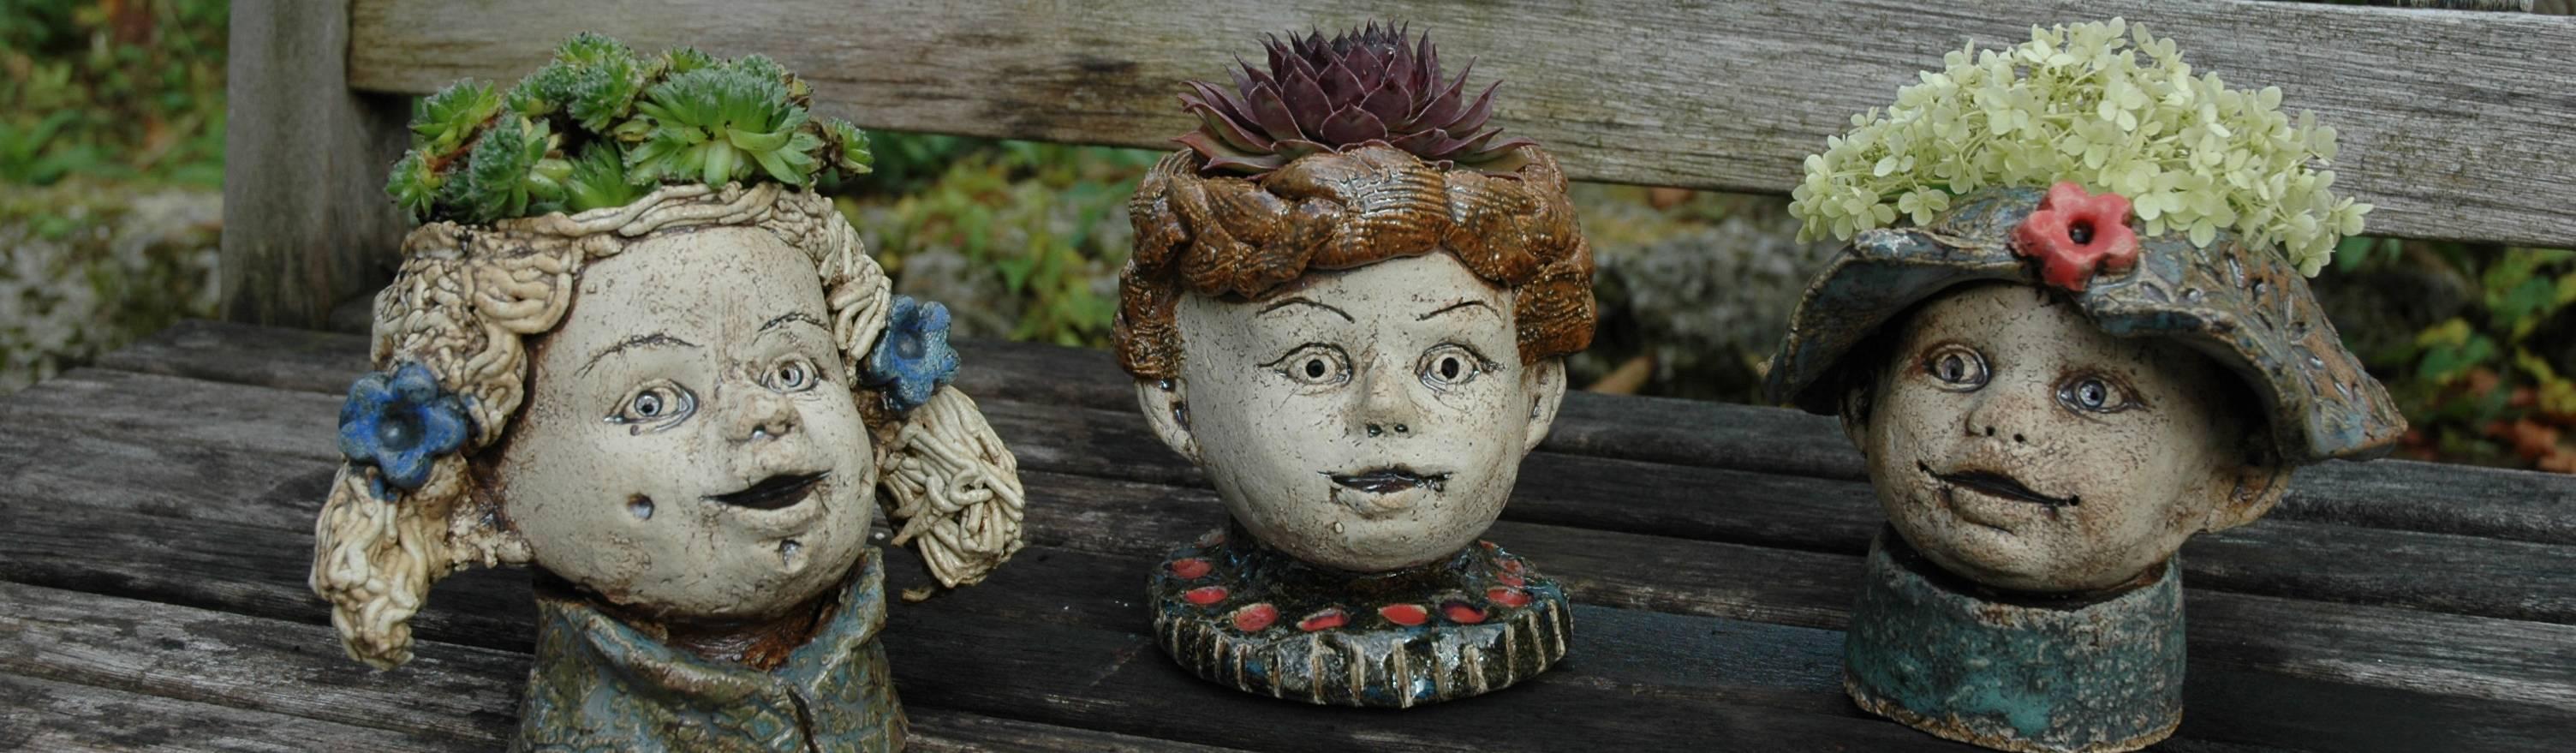 Kunst und Keramik